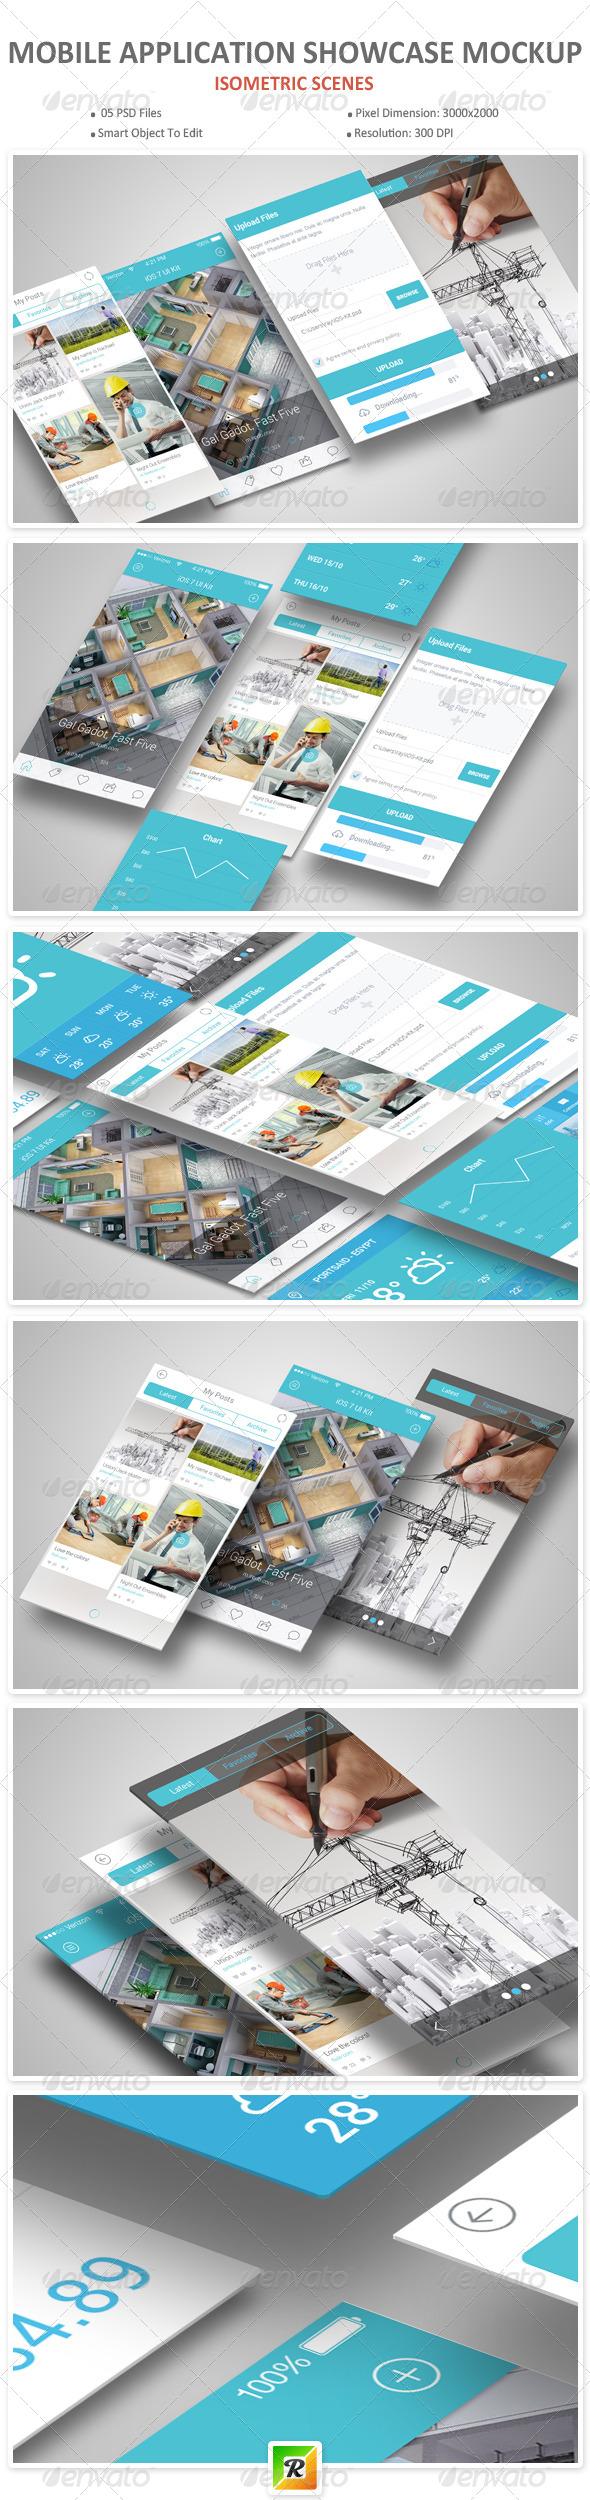 GraphicRiver Mobile Application Showcase Mockup 7464758